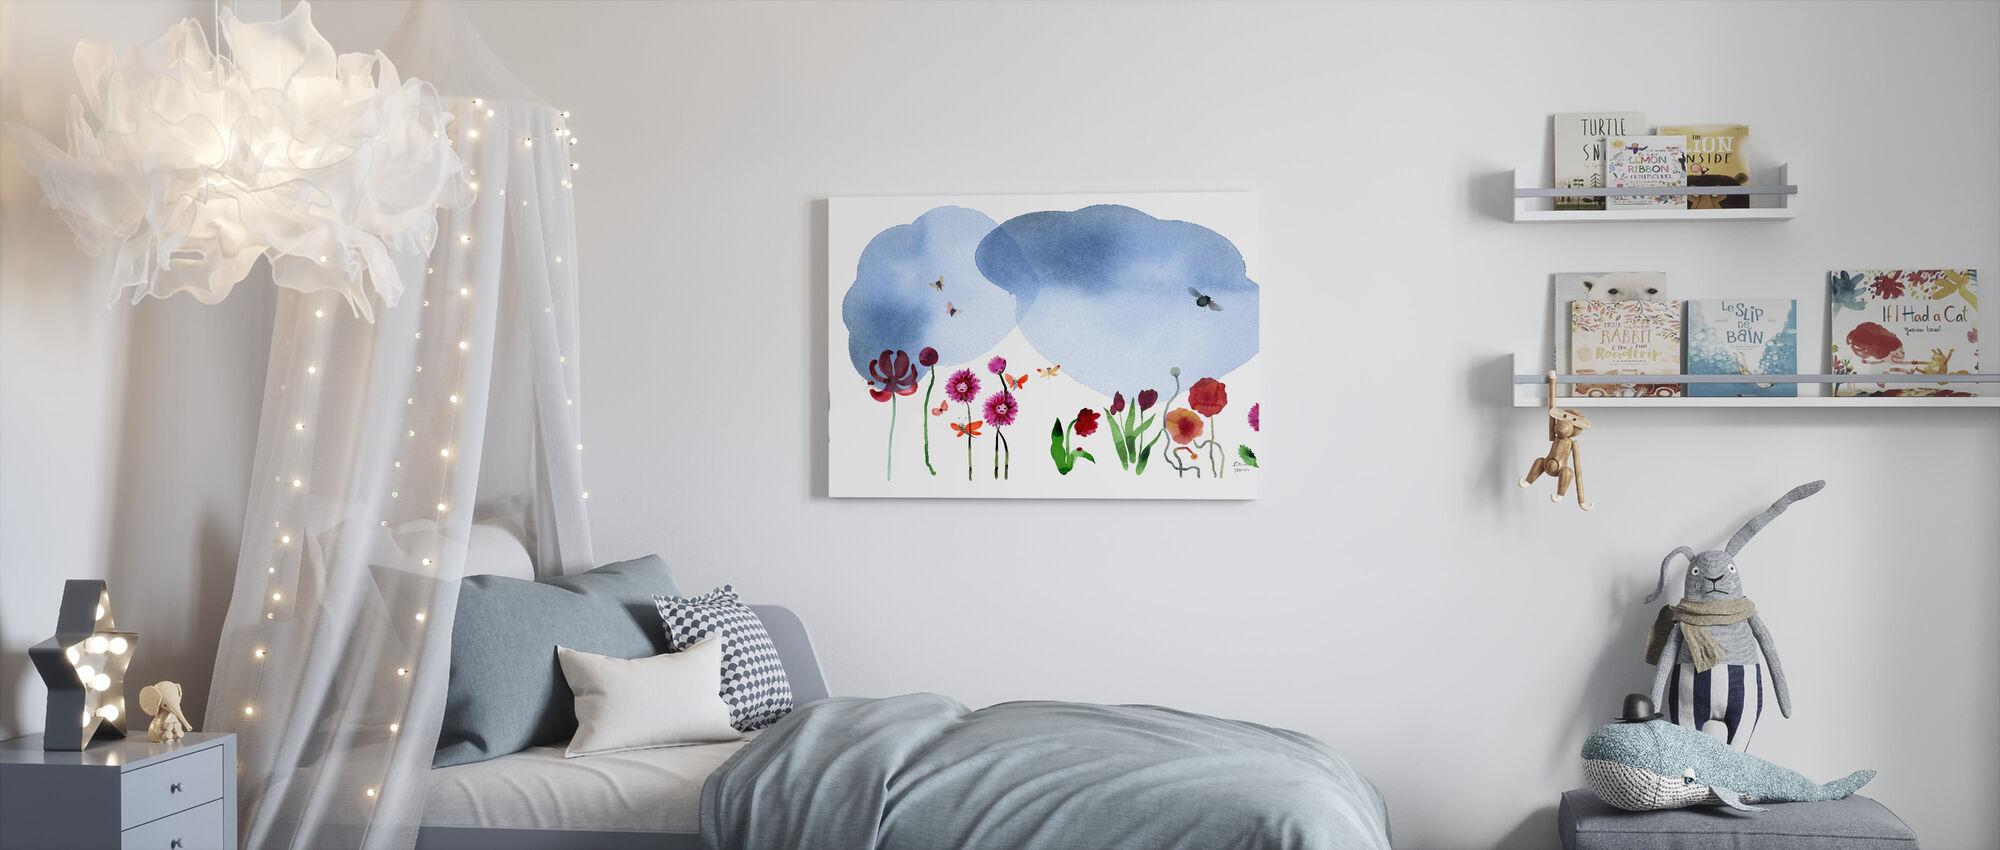 Water Color Flowers II - Canvas print - Kids Room